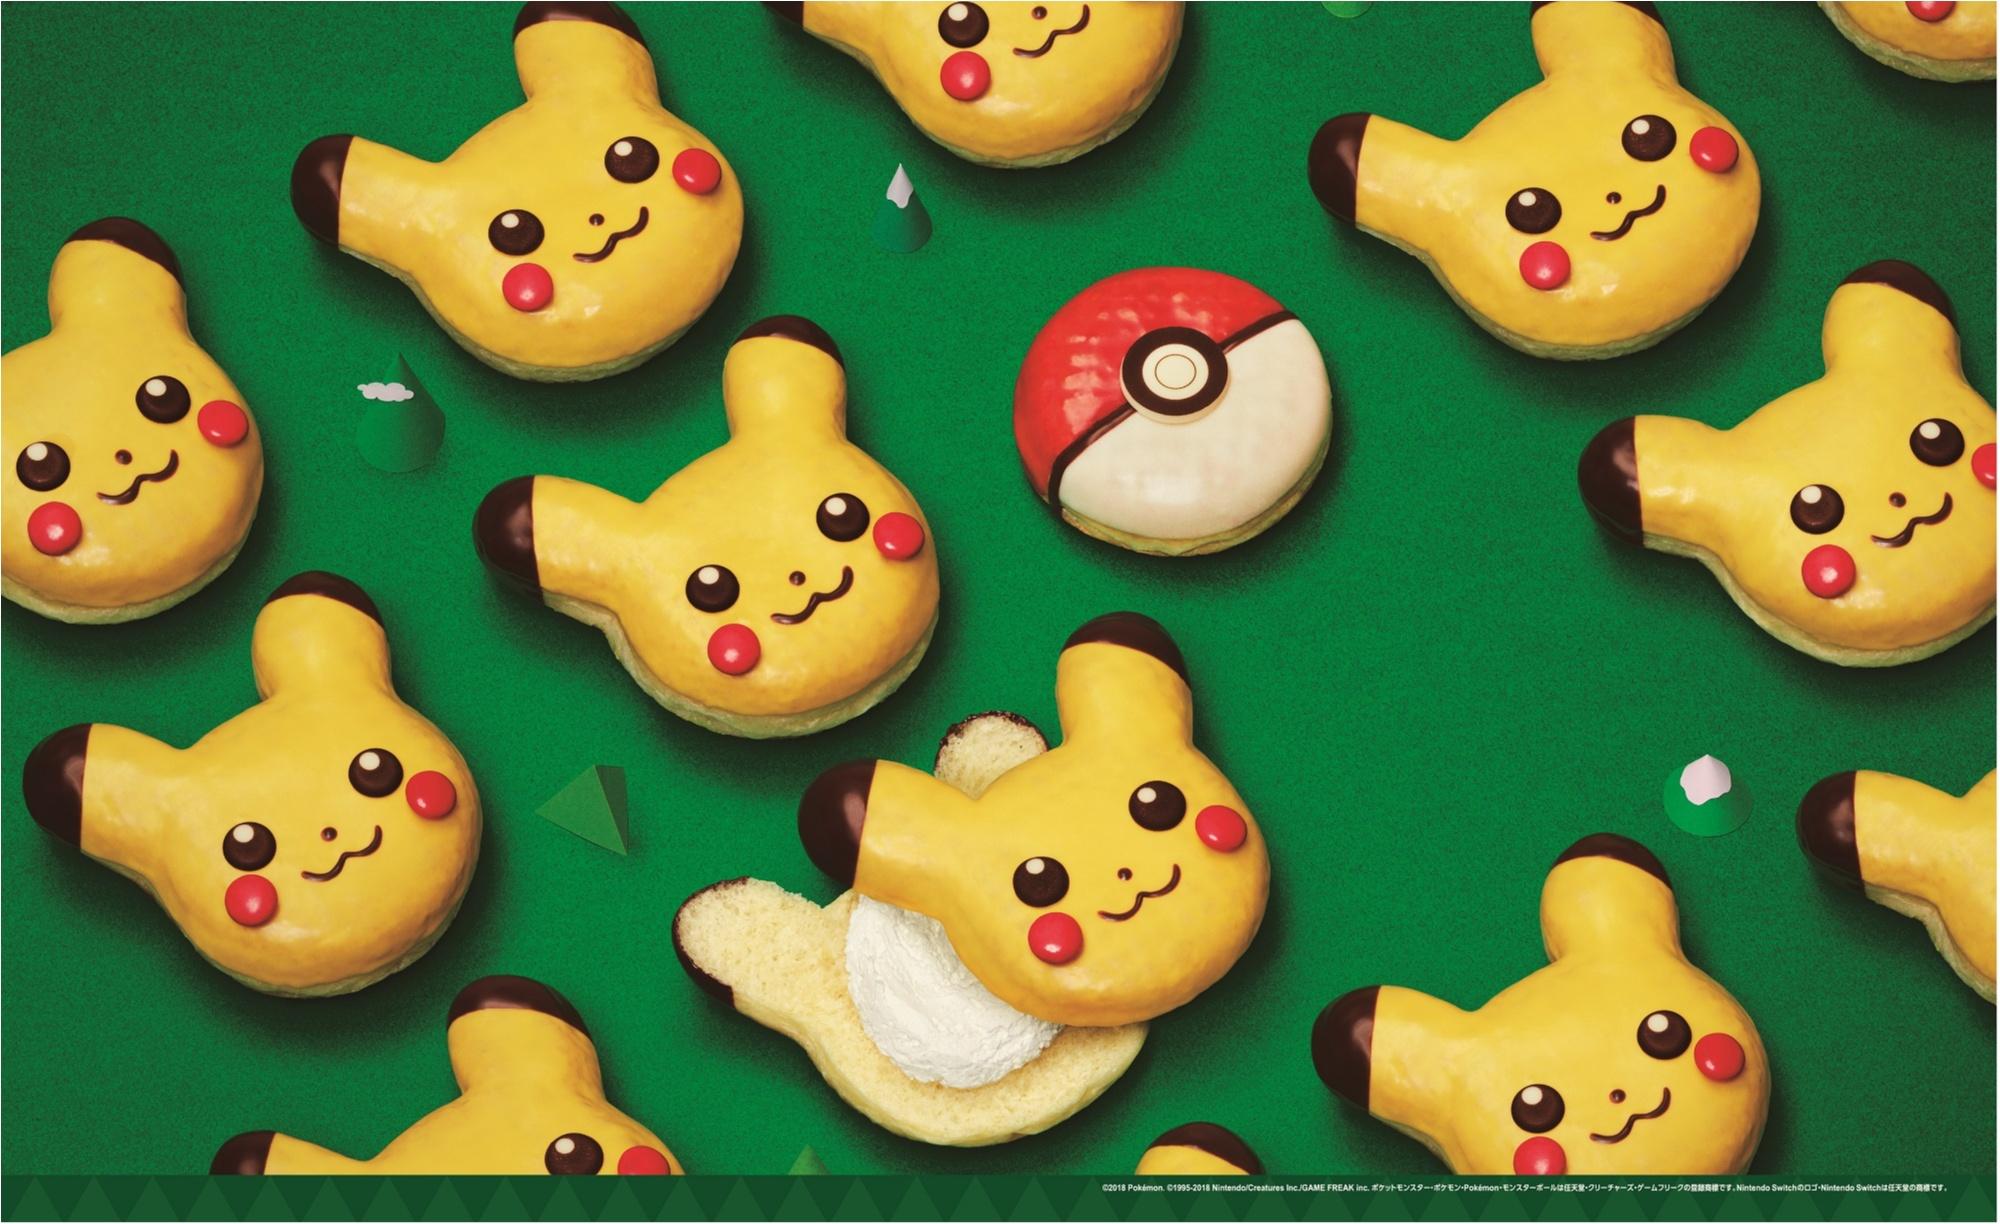 ミスドのクリスマスは『ポケモン』と一緒♡ 「ピカチュウ ドーナツ」が、可愛すぎて食べられない!_3